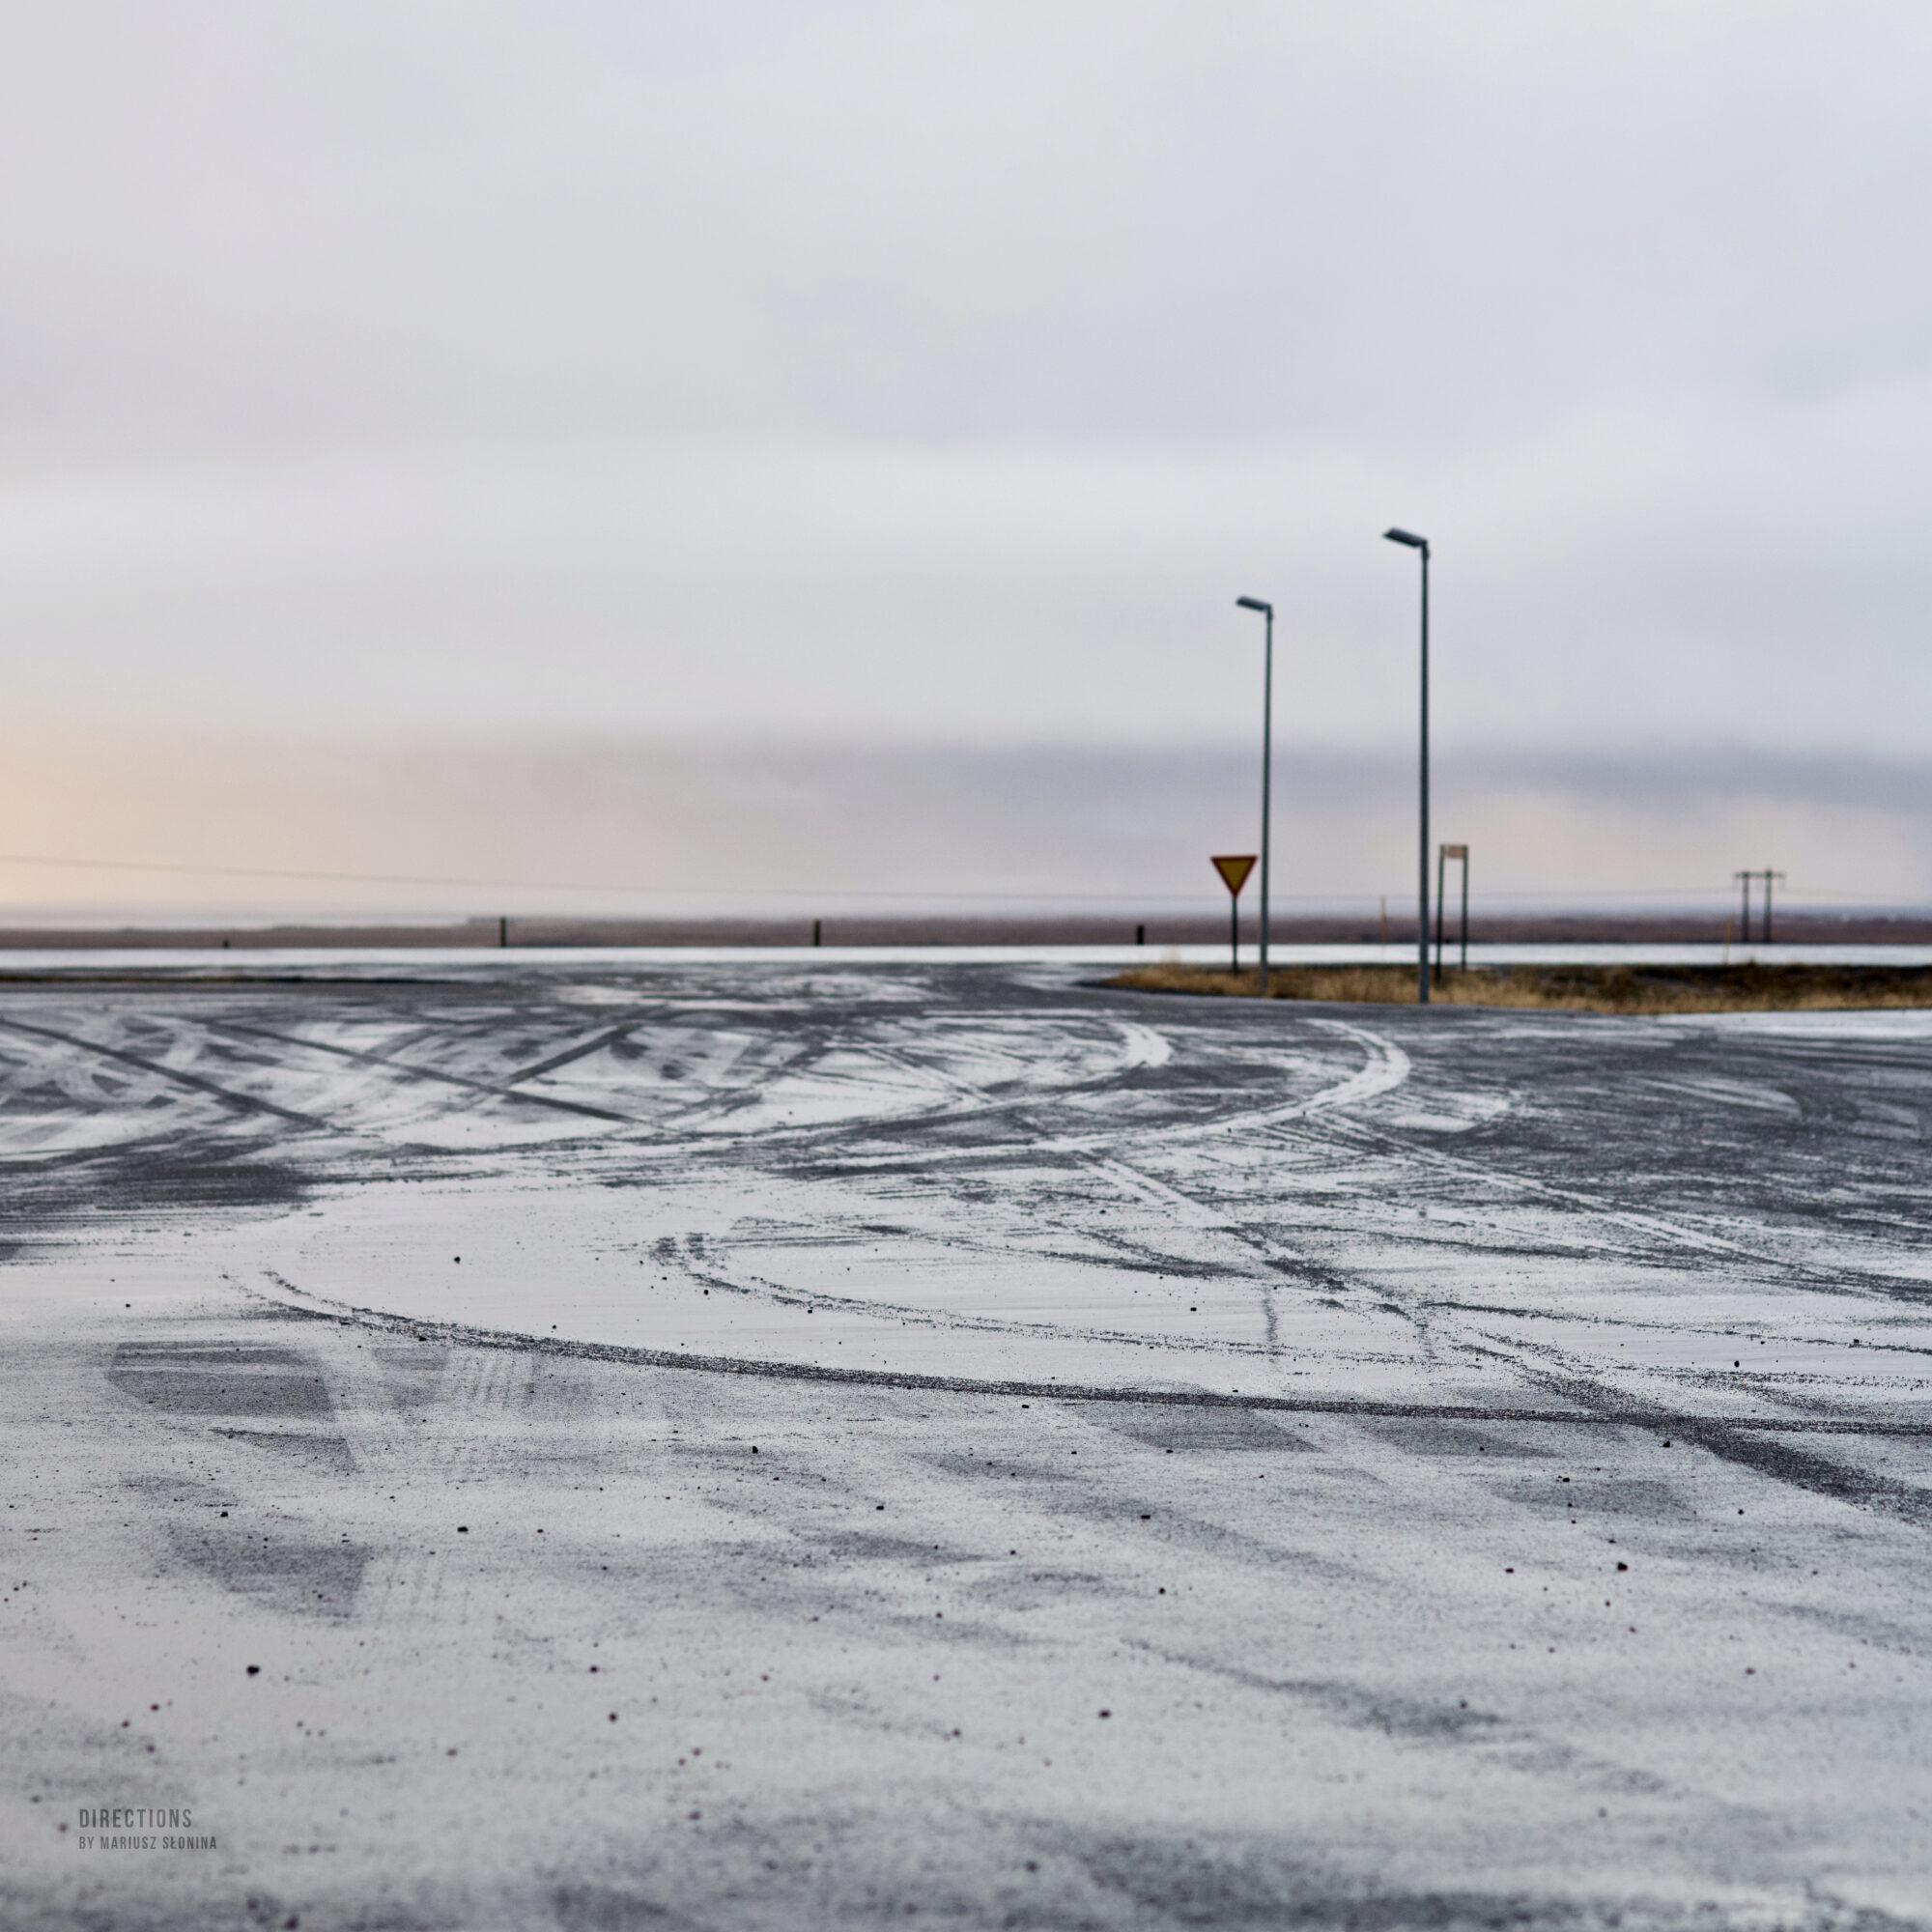 iceland-in-between/ND_20191130_134821_4849_001.jpg